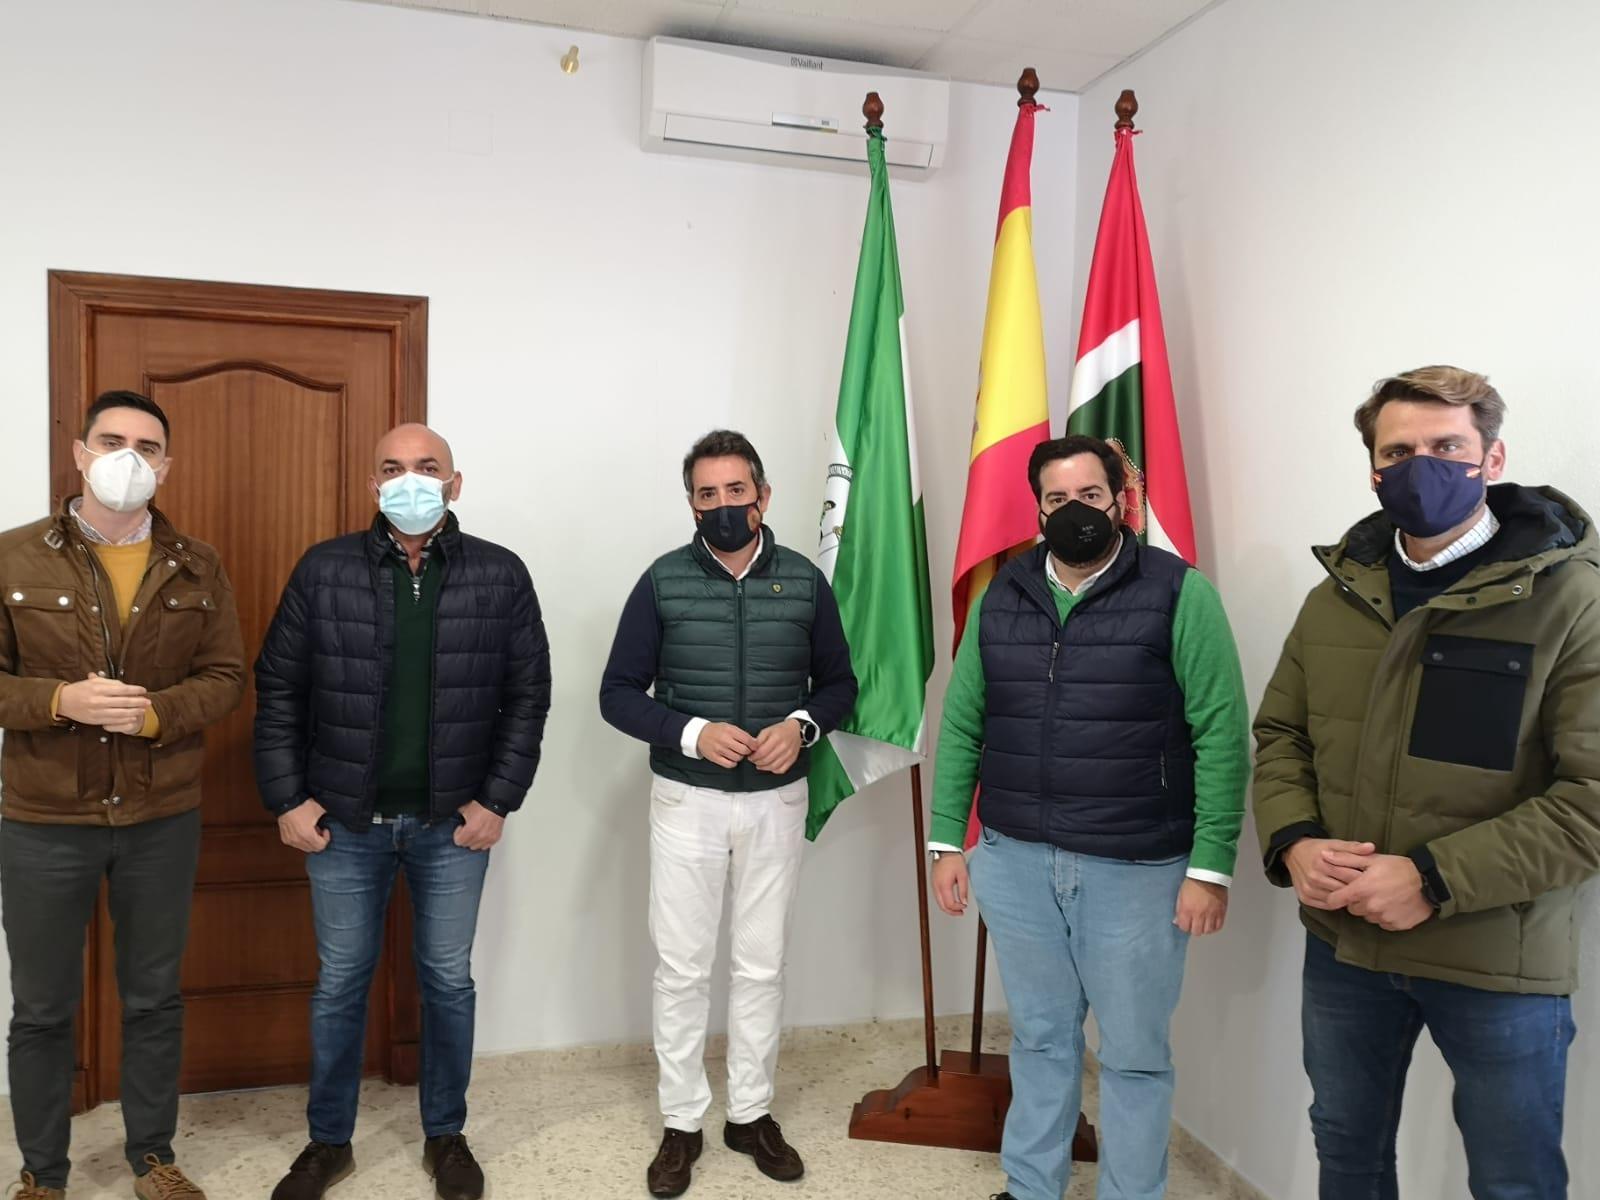 El PP desbloqueará la gestión del agua en Estella y Torrecera tras la petición de sus alcaldes